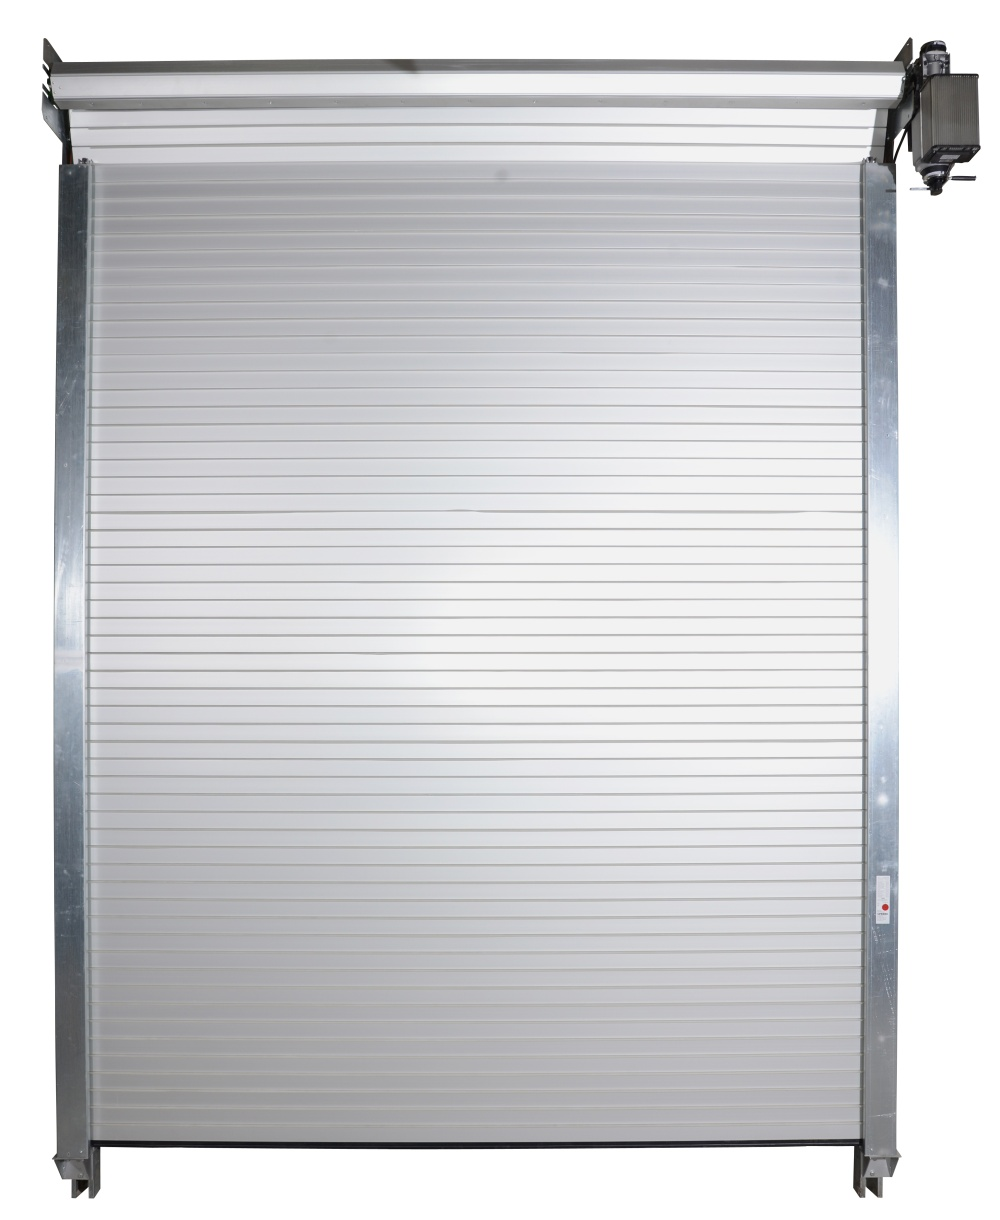 Rychloběžná lamelová vrata výroba a prodej Beroun – bezporuchová a s kvalitním pohonem